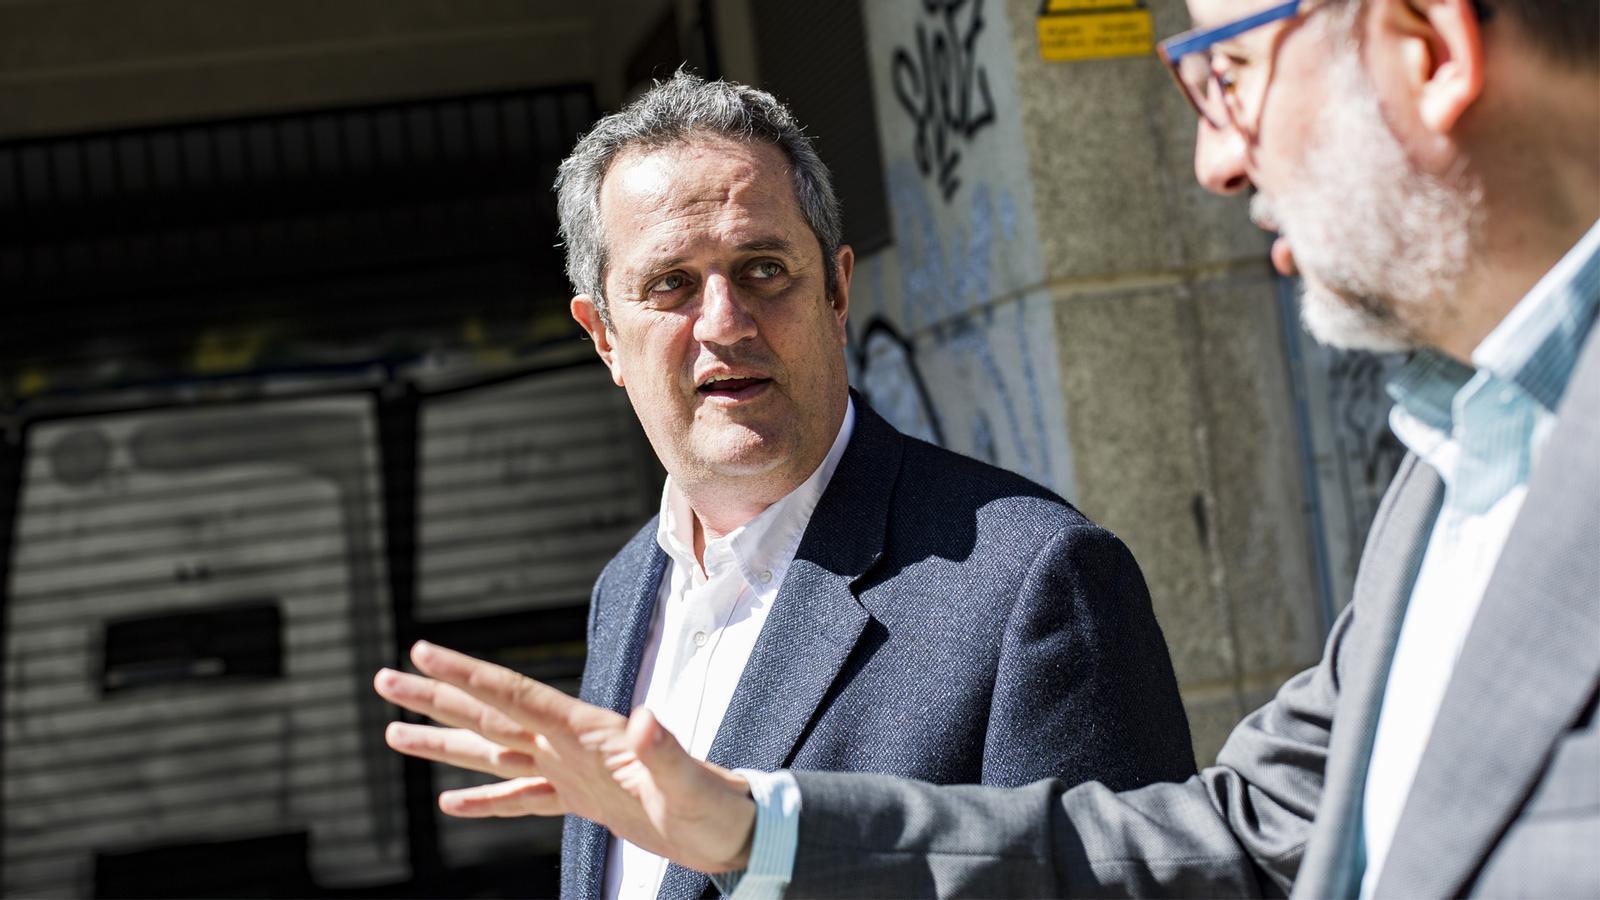 L'anàlisi d'Antoni Bassas: 'El que Forn sap de Barcelona i la presó'